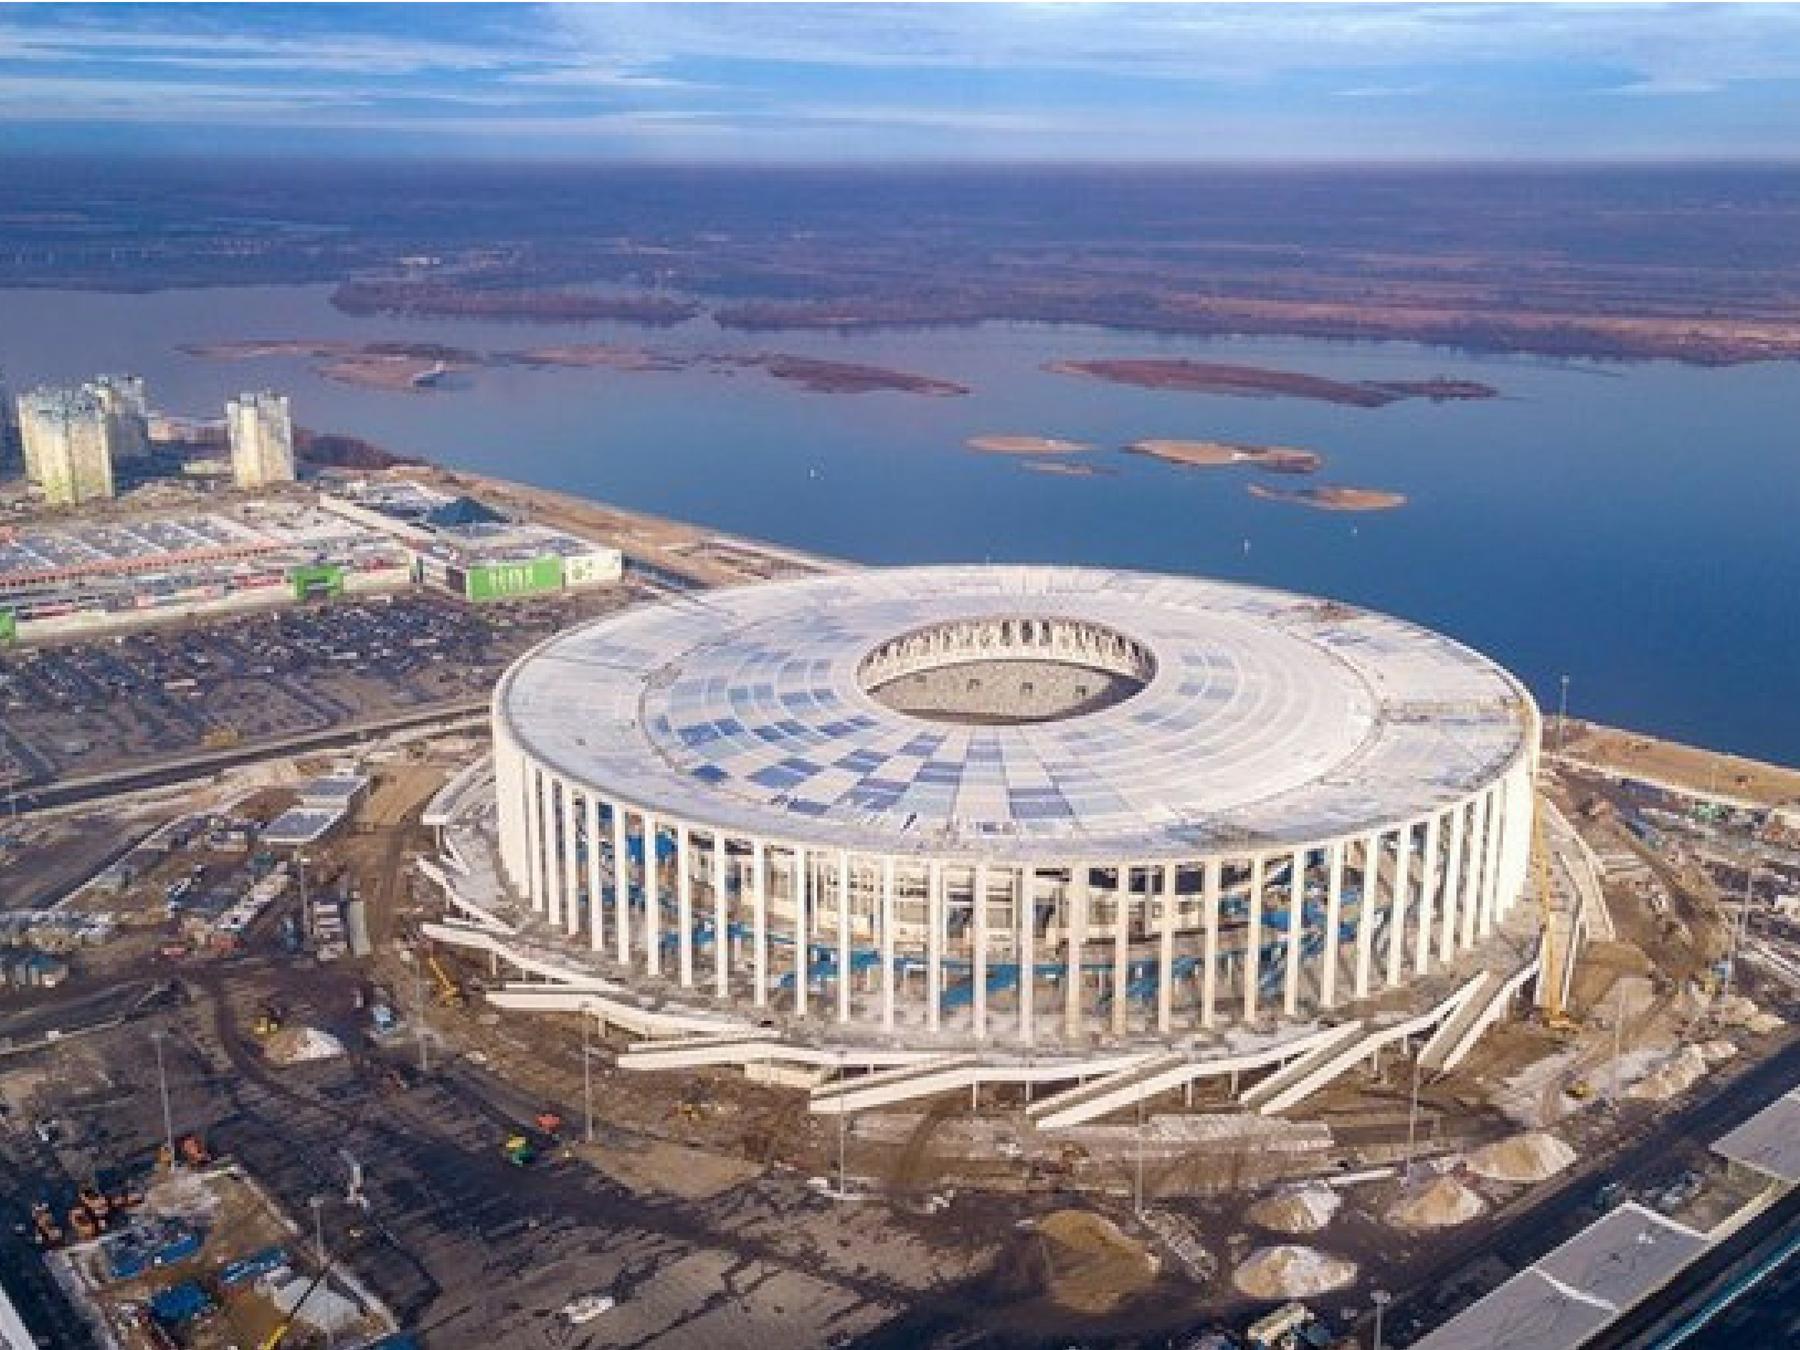 estádios-mais-legais-do-mundo-Calendário-da-copa-russia-2018 Os 20 estádios mais legais do mundo Calendário Copa 2018